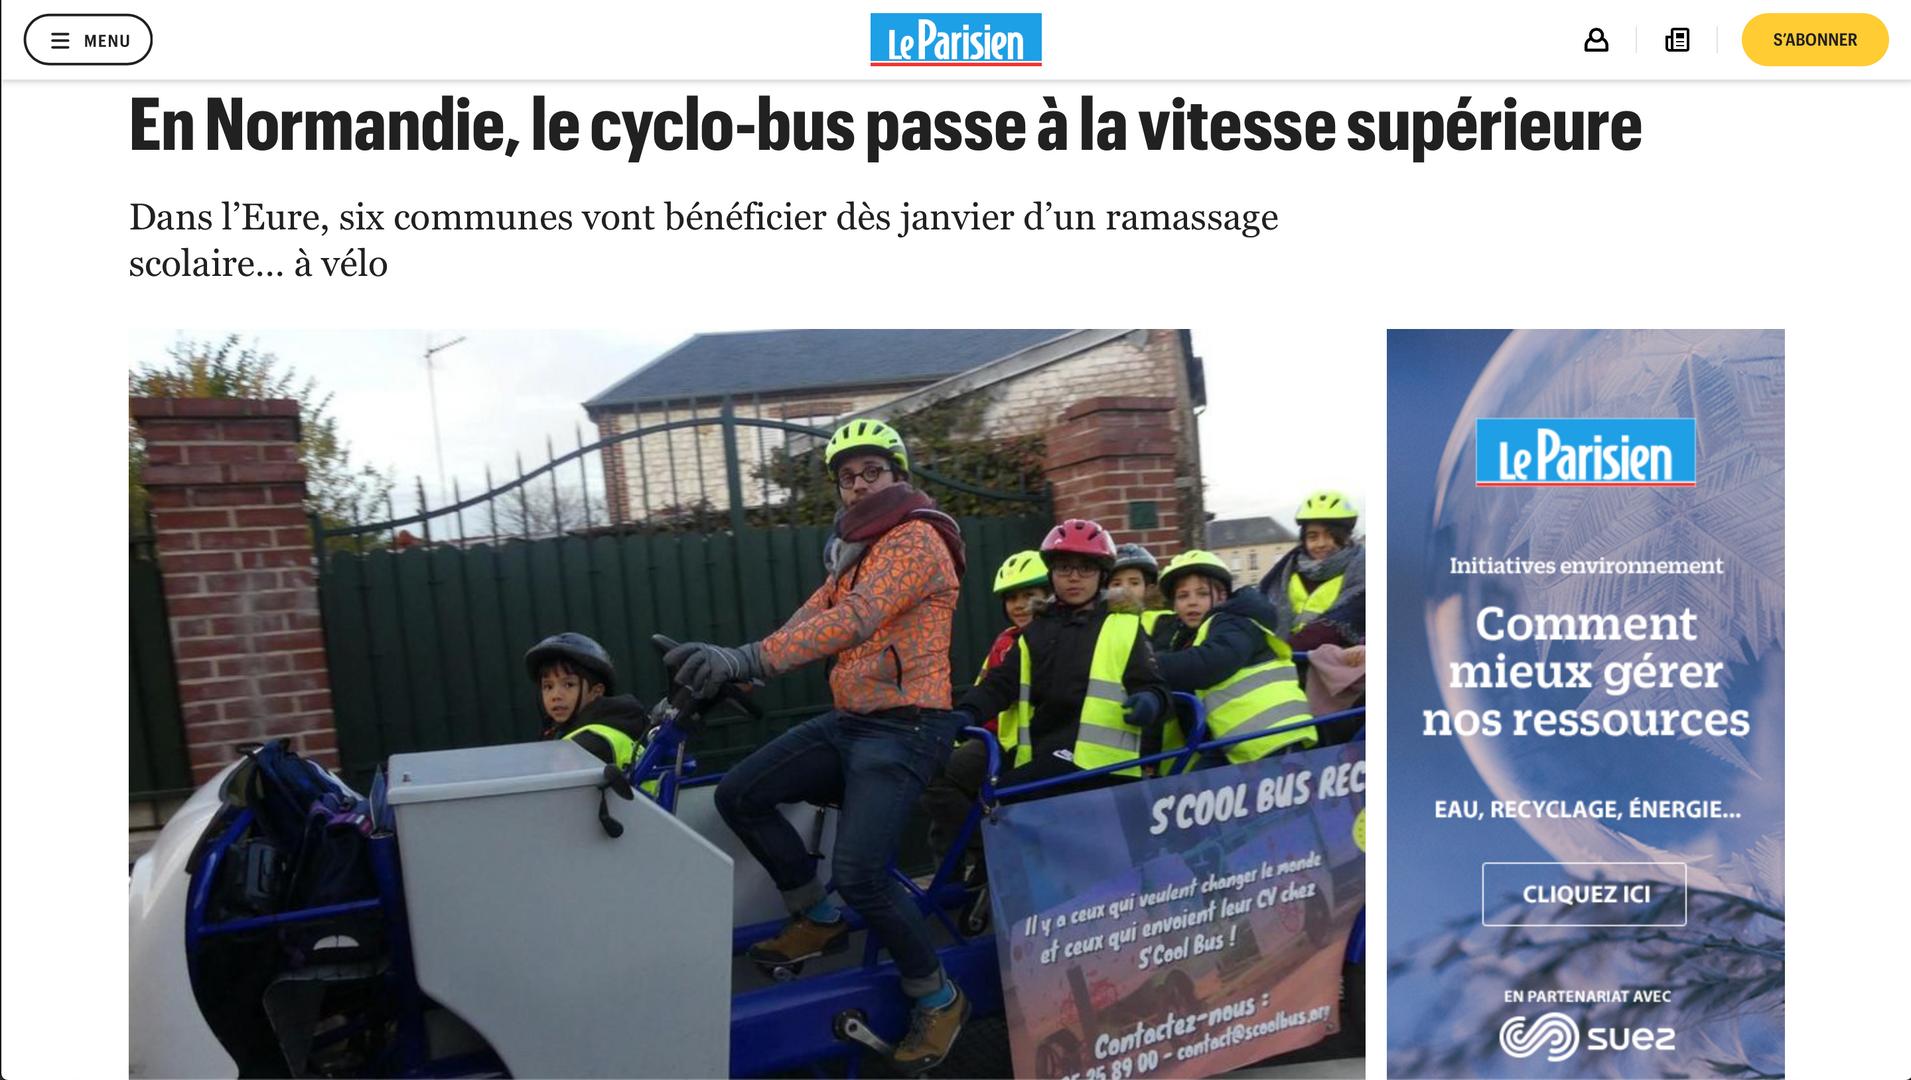 Le Parisien - 07/12/2018